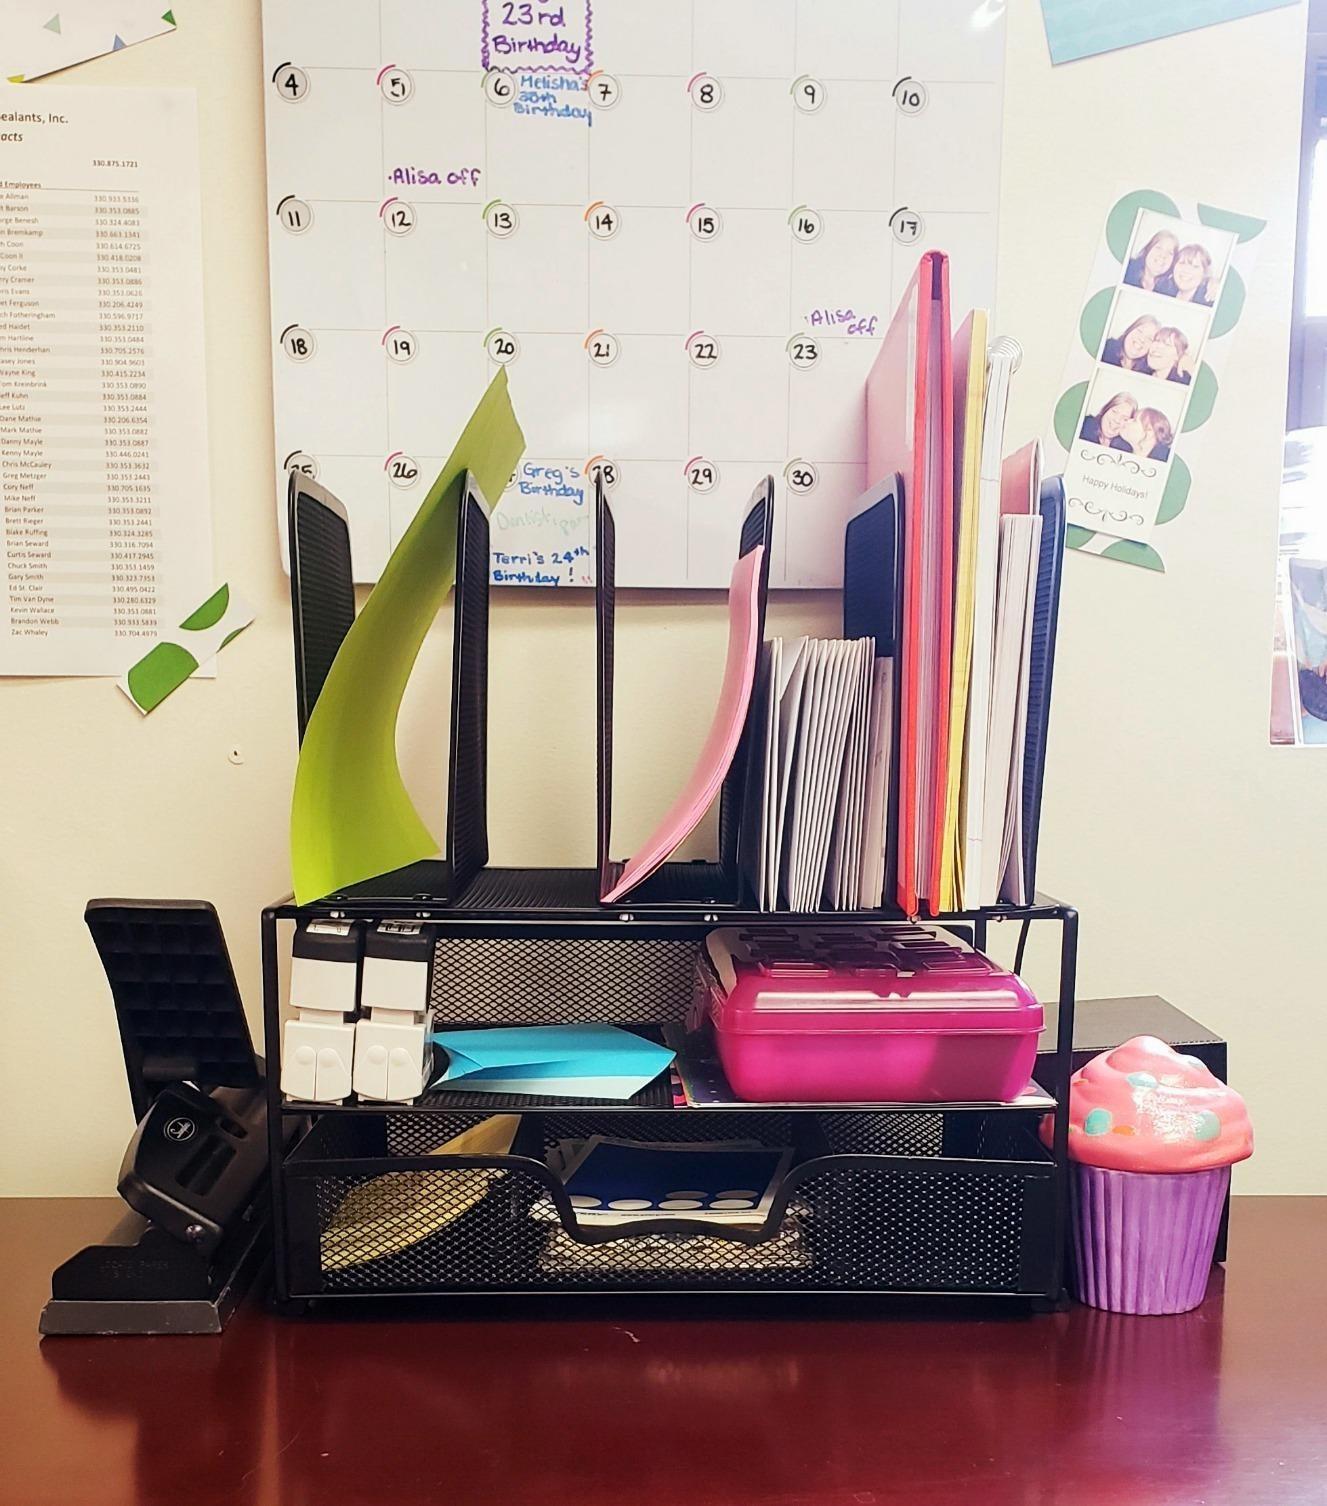 A reviewer's organizer with an assortment of desk supplies inside